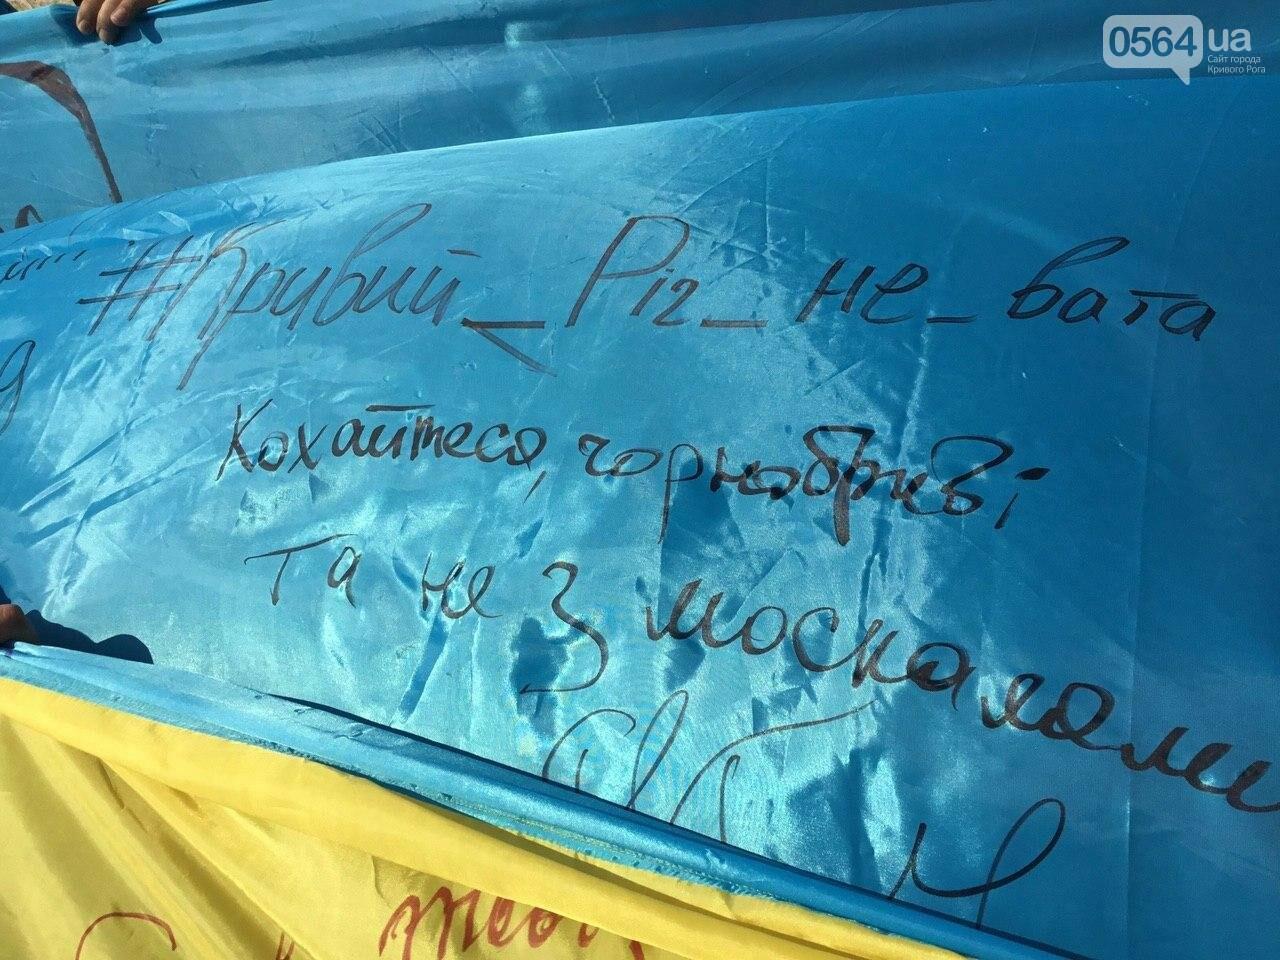 """""""Українці - брати, Разом ми - сила!"""", - какие пожелания и призывы написали криворожане на Знамени Единства, - ФОТО, ВИДЕО, фото-47"""